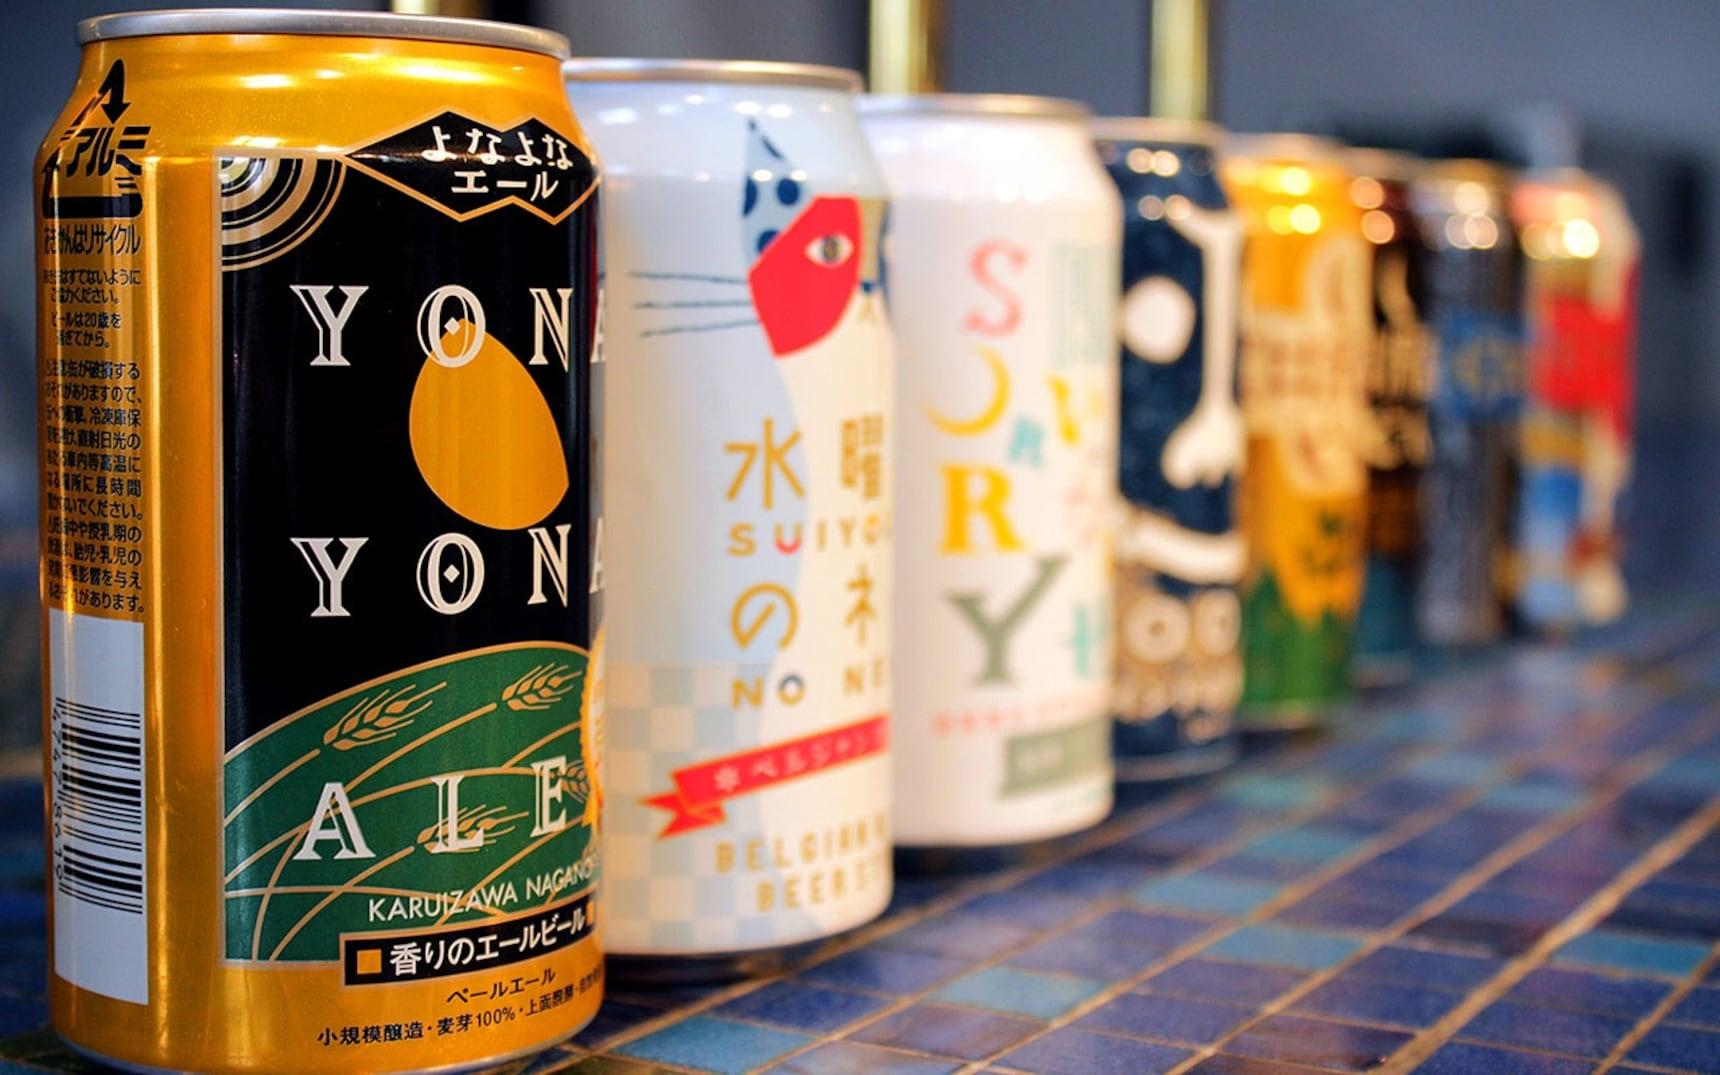 골라 마시는 재미가 있는 일본 술 1부